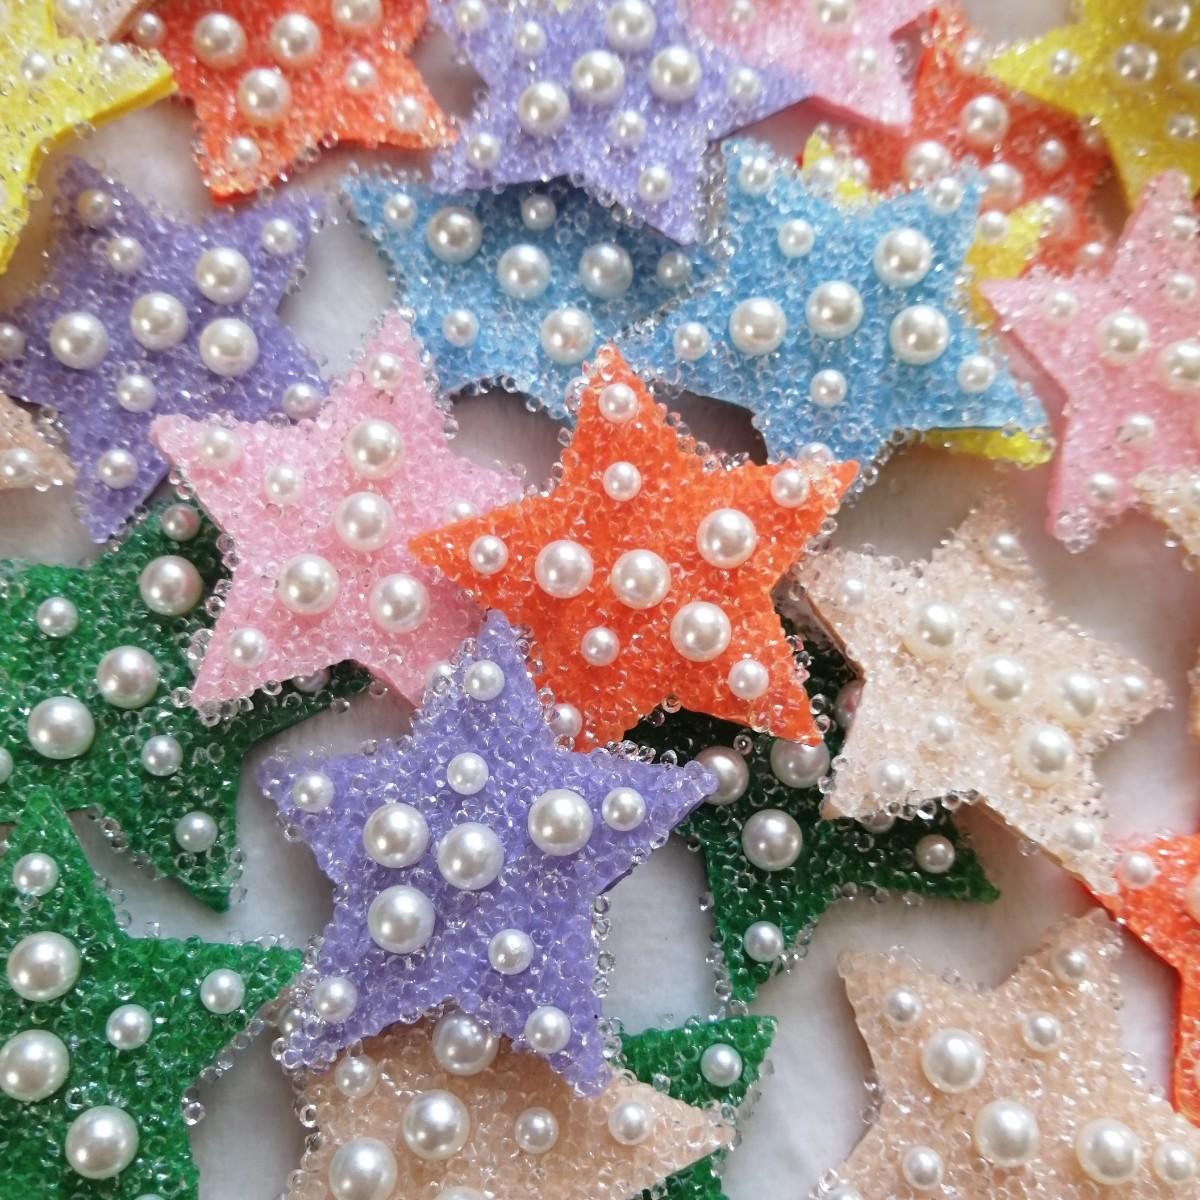 デコパーツ プラパーツ ハンドメイド 手作り 大量 パーツ キラキラ 真珠 星1